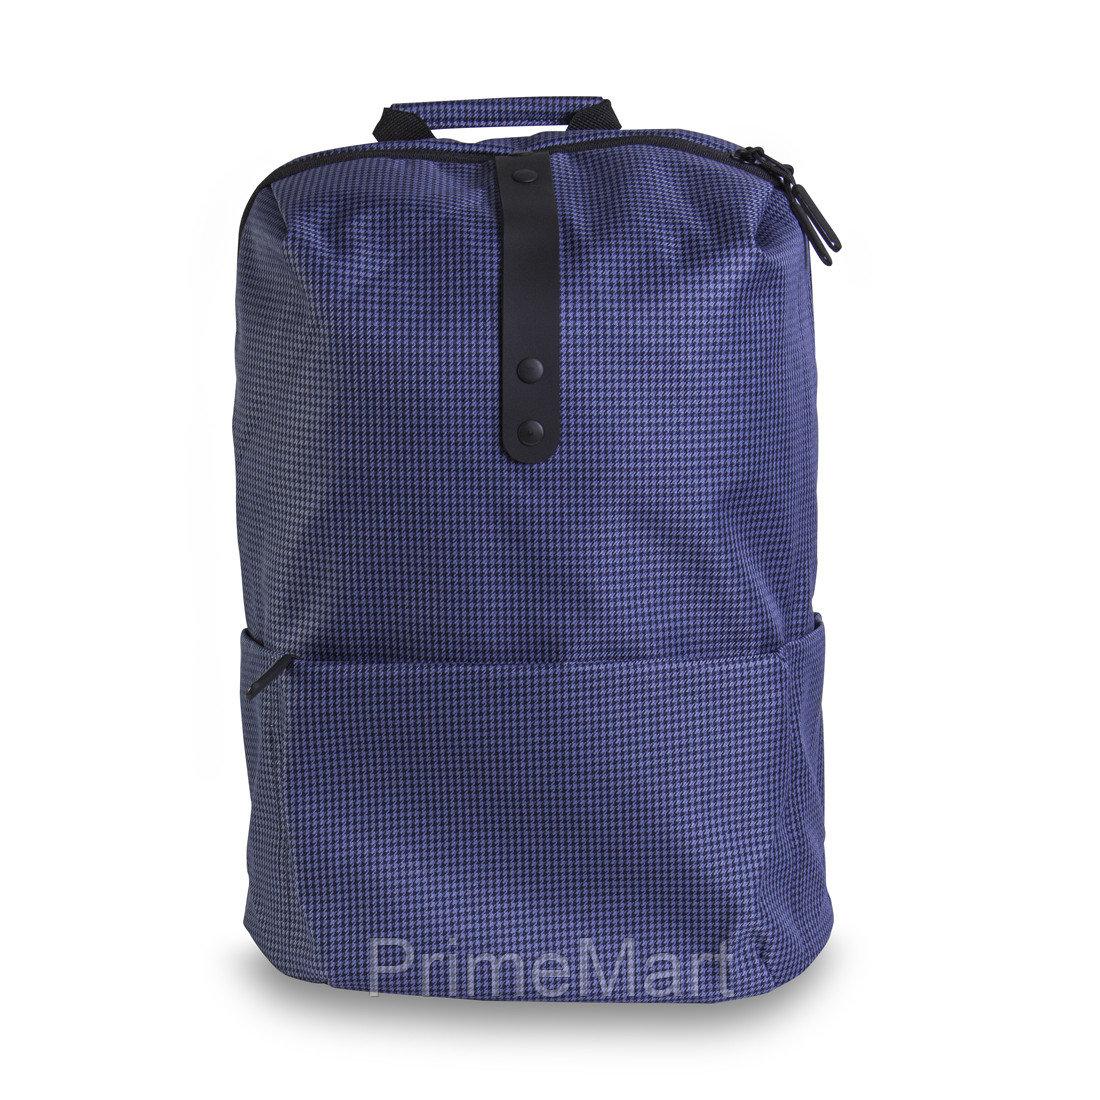 Xiaomi, Многофункциональный рюкзак, Органайзер, 2 внутренних отделения, Нейлон College Leisure Shoulder Bag